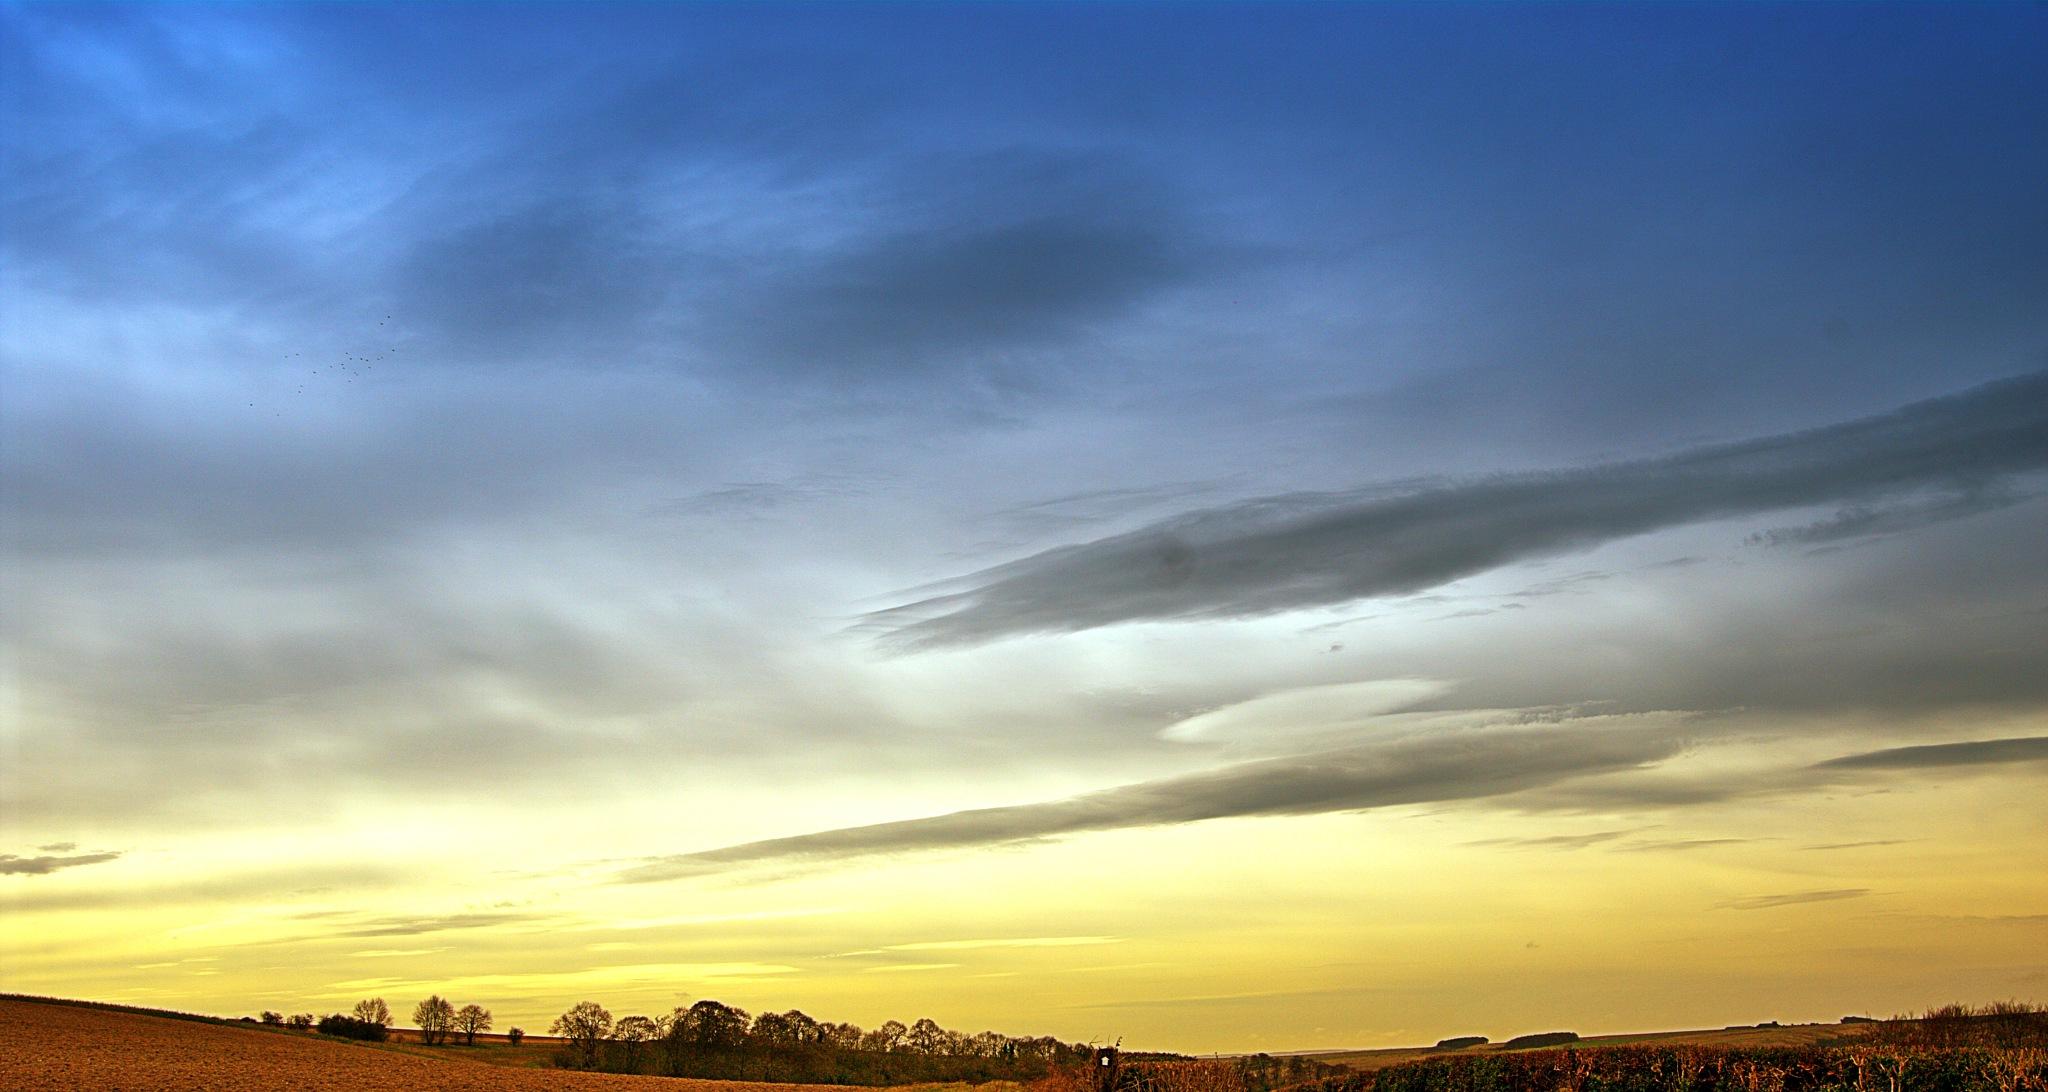 Amazing Skies - Upavon by Keith Patrak